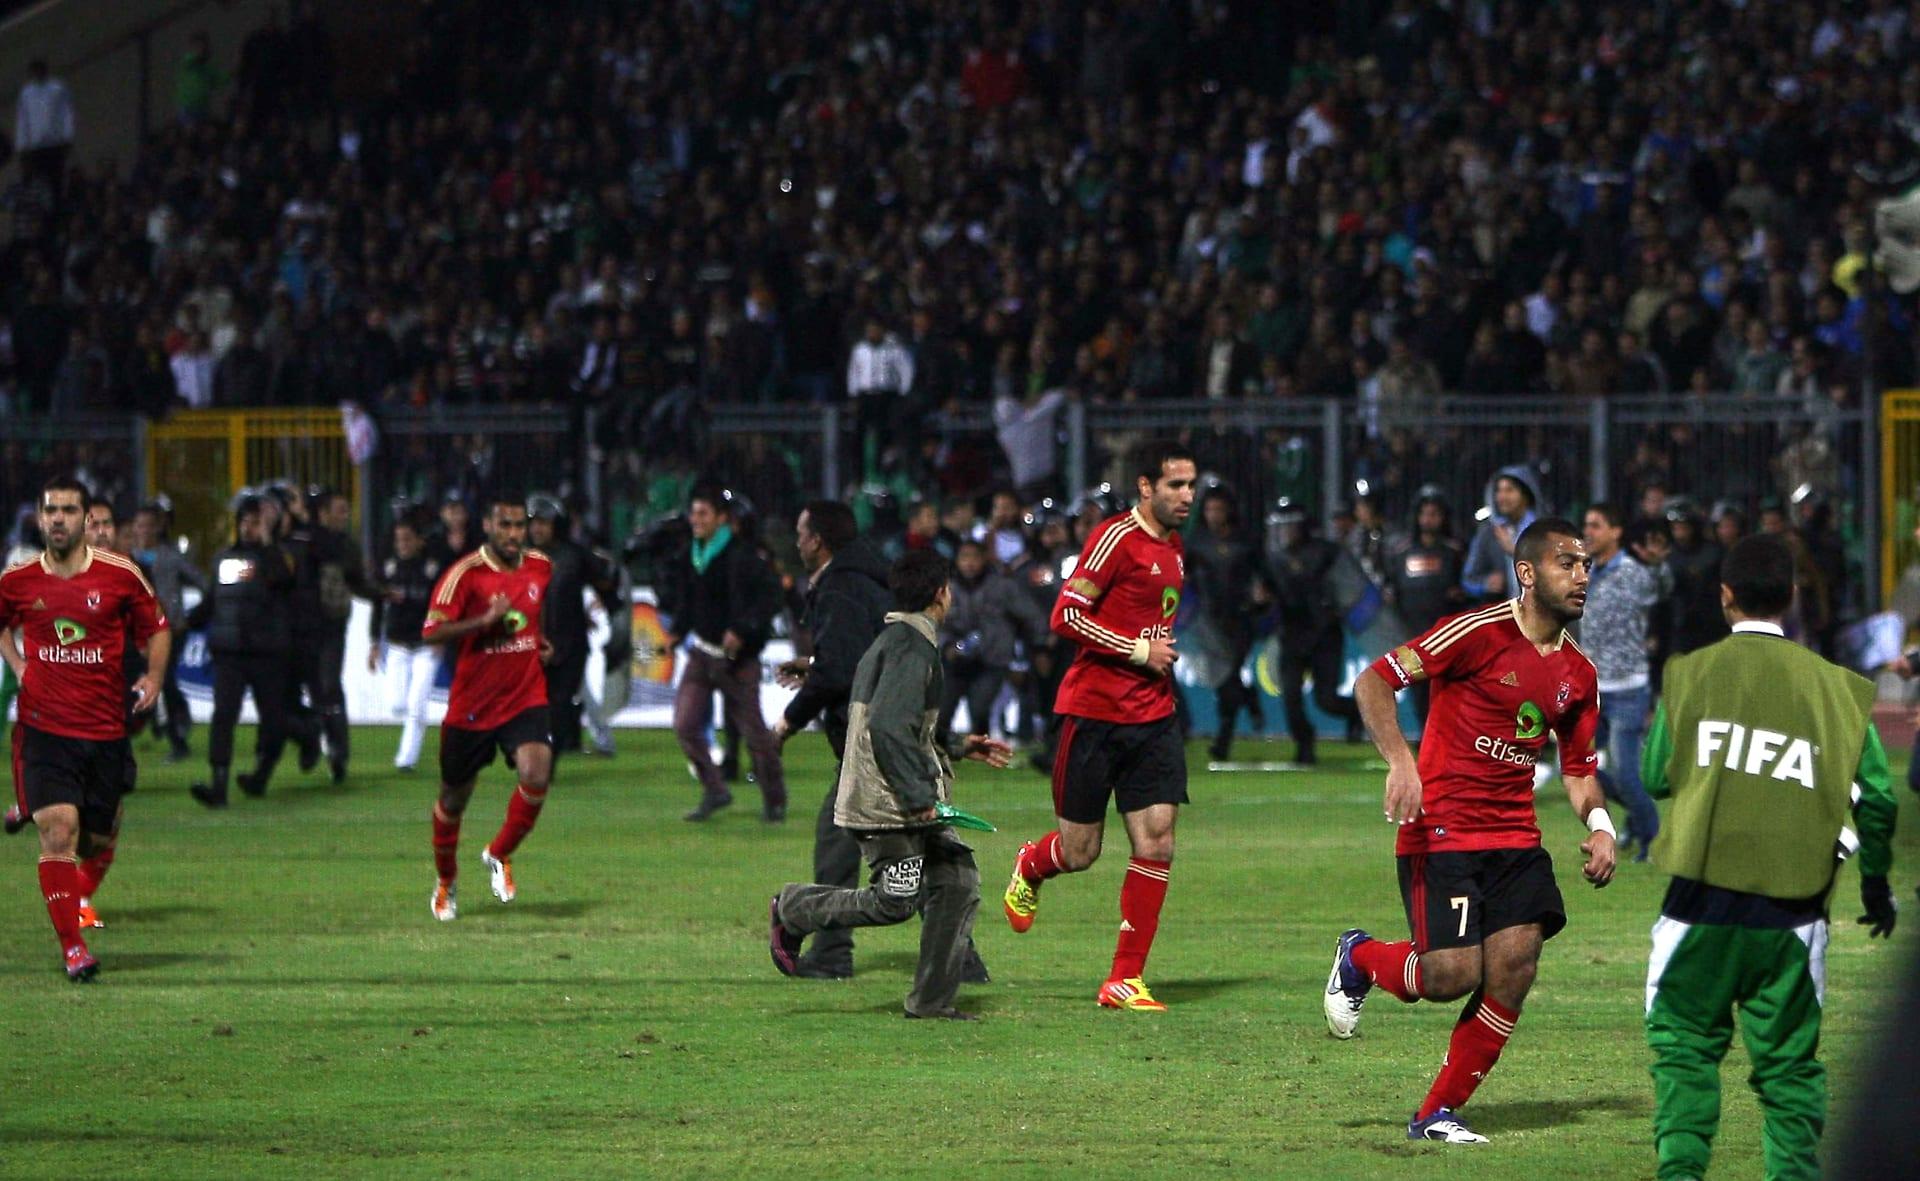 صورة أرشيفية للاعبي الأهلي يحاولون مغادرة الملعب وقت حادثة استاد بورسعيد عام 2012